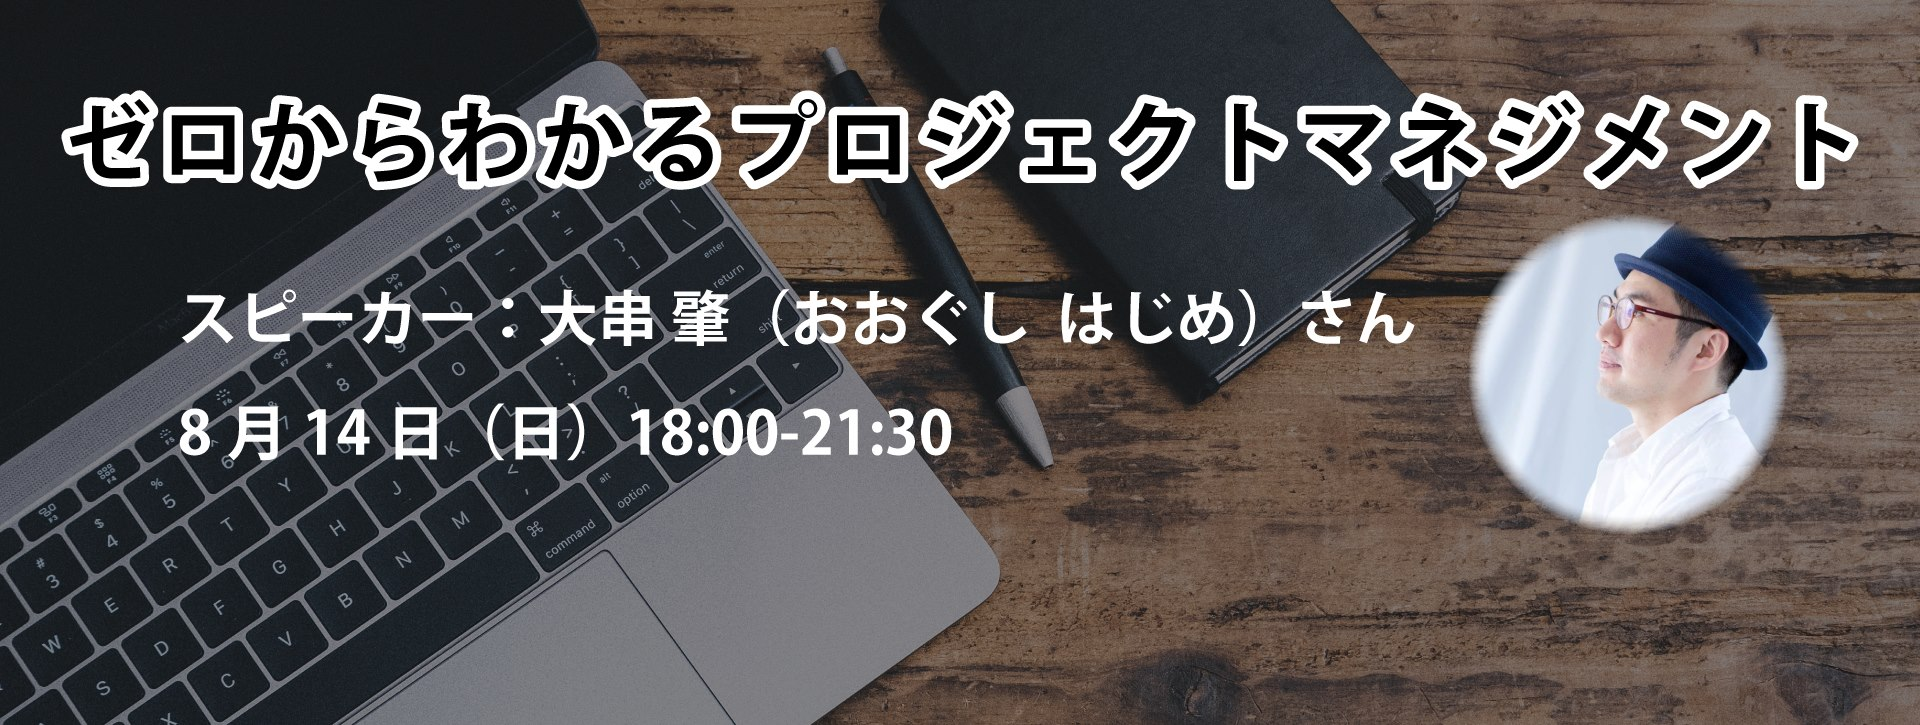 【7F主催イベント】ゼロからわかるプロジェクトマネジメントを8月14日(日)に開催します。